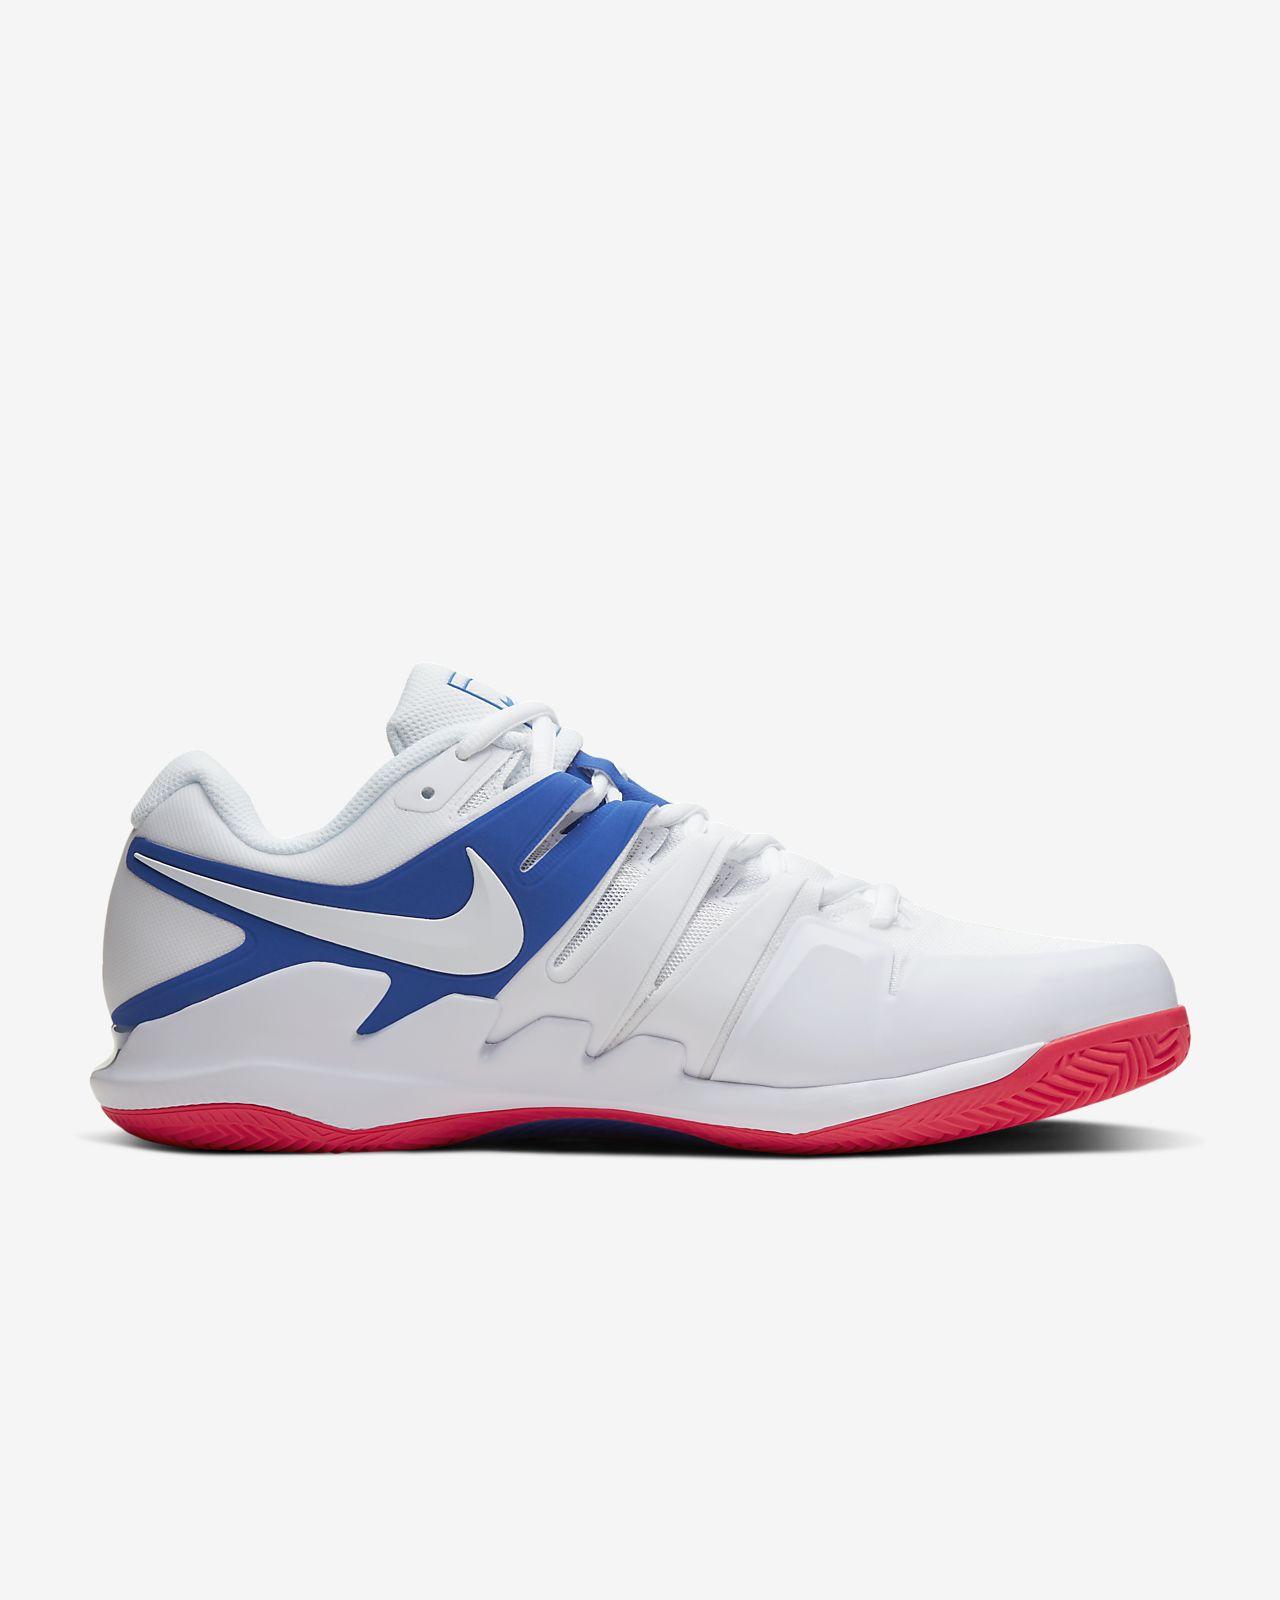 Acheter Authentic bonne réputation acheter maintenant Chaussure de tennis pour terre battue NikeCourt Air Zoom Vapor X pour Homme